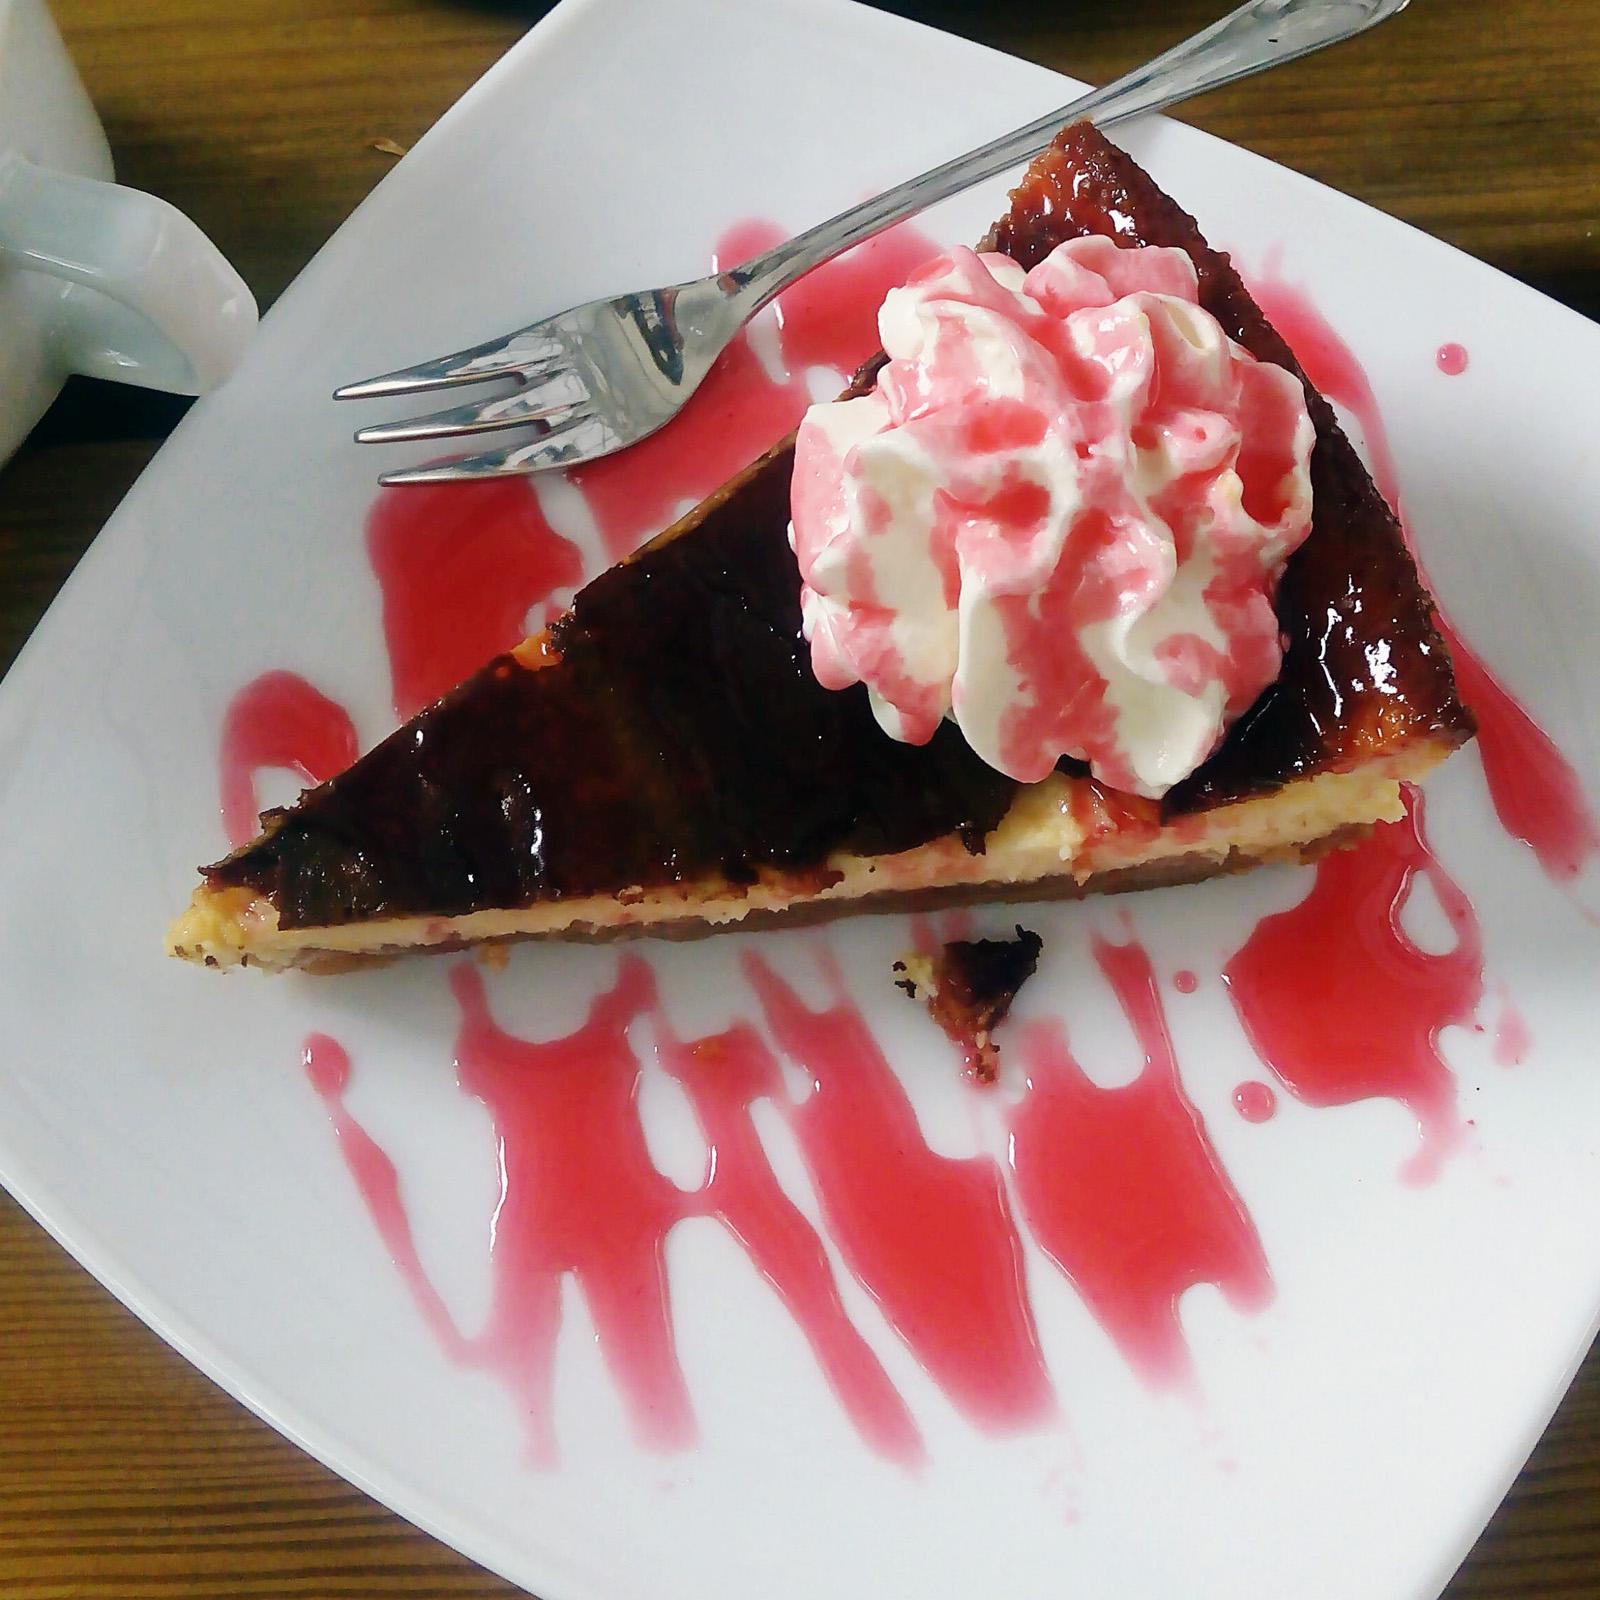 06-pur pur cheesecake